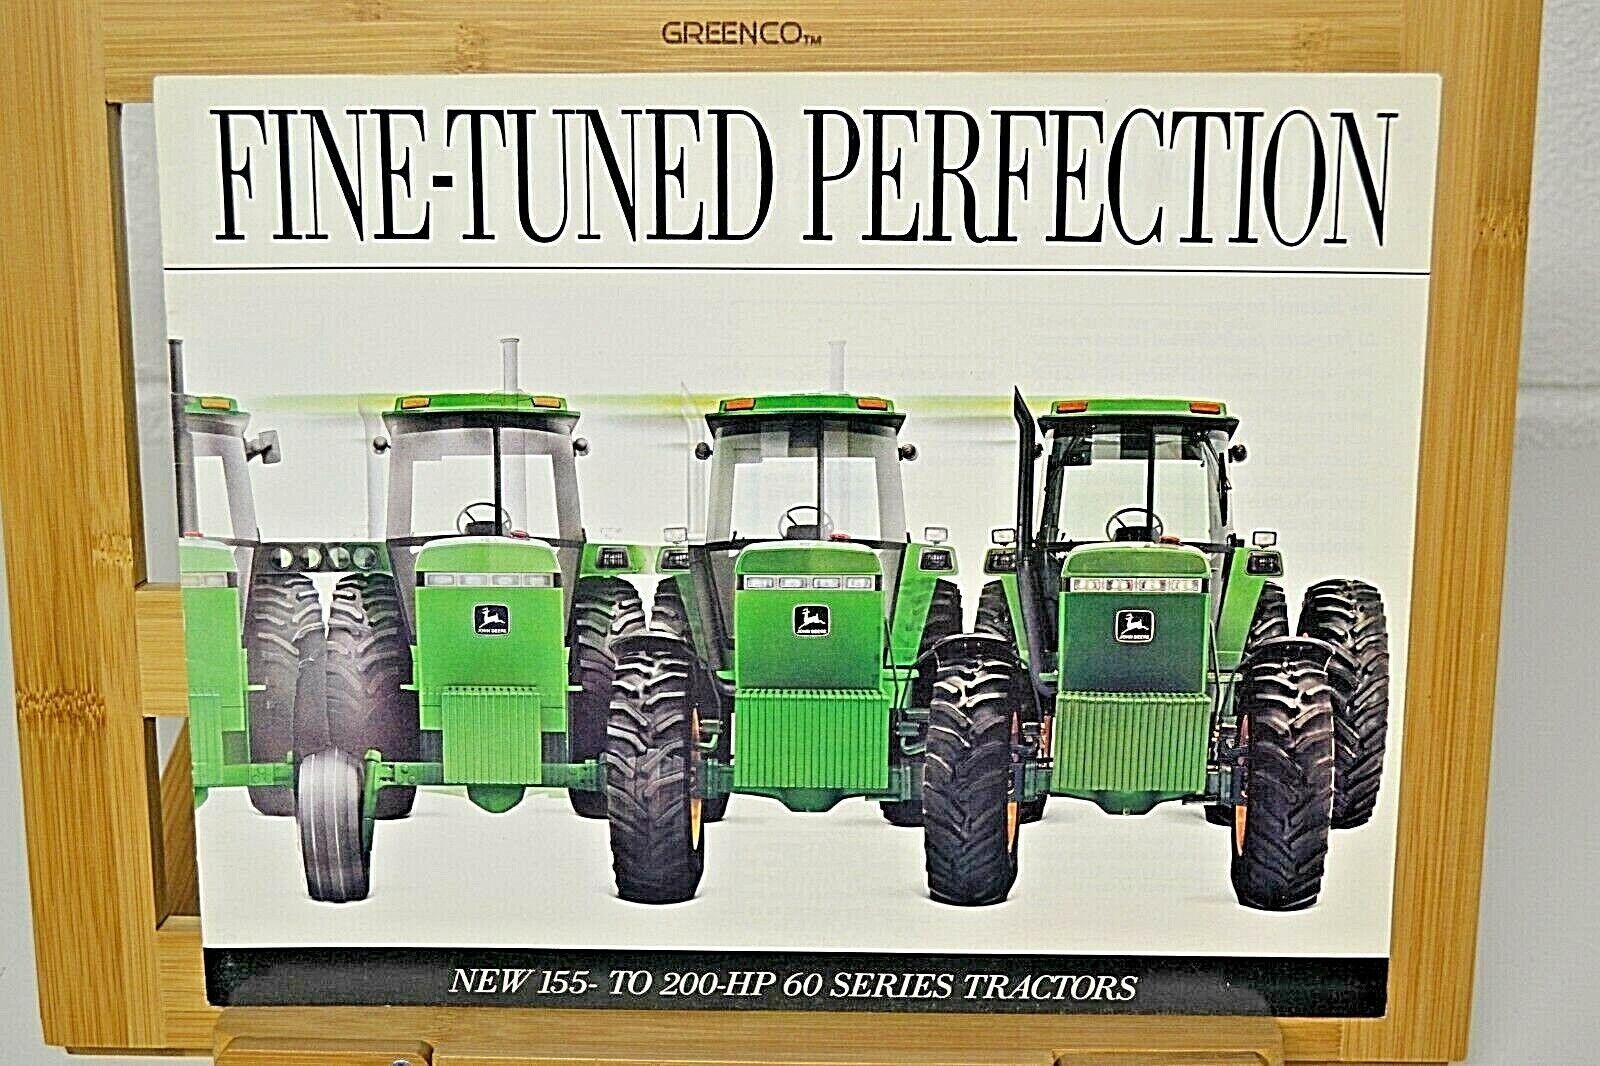 1991 John Deere 4560 4760 4960 Tractor Brochure 155 To 200 HP nos